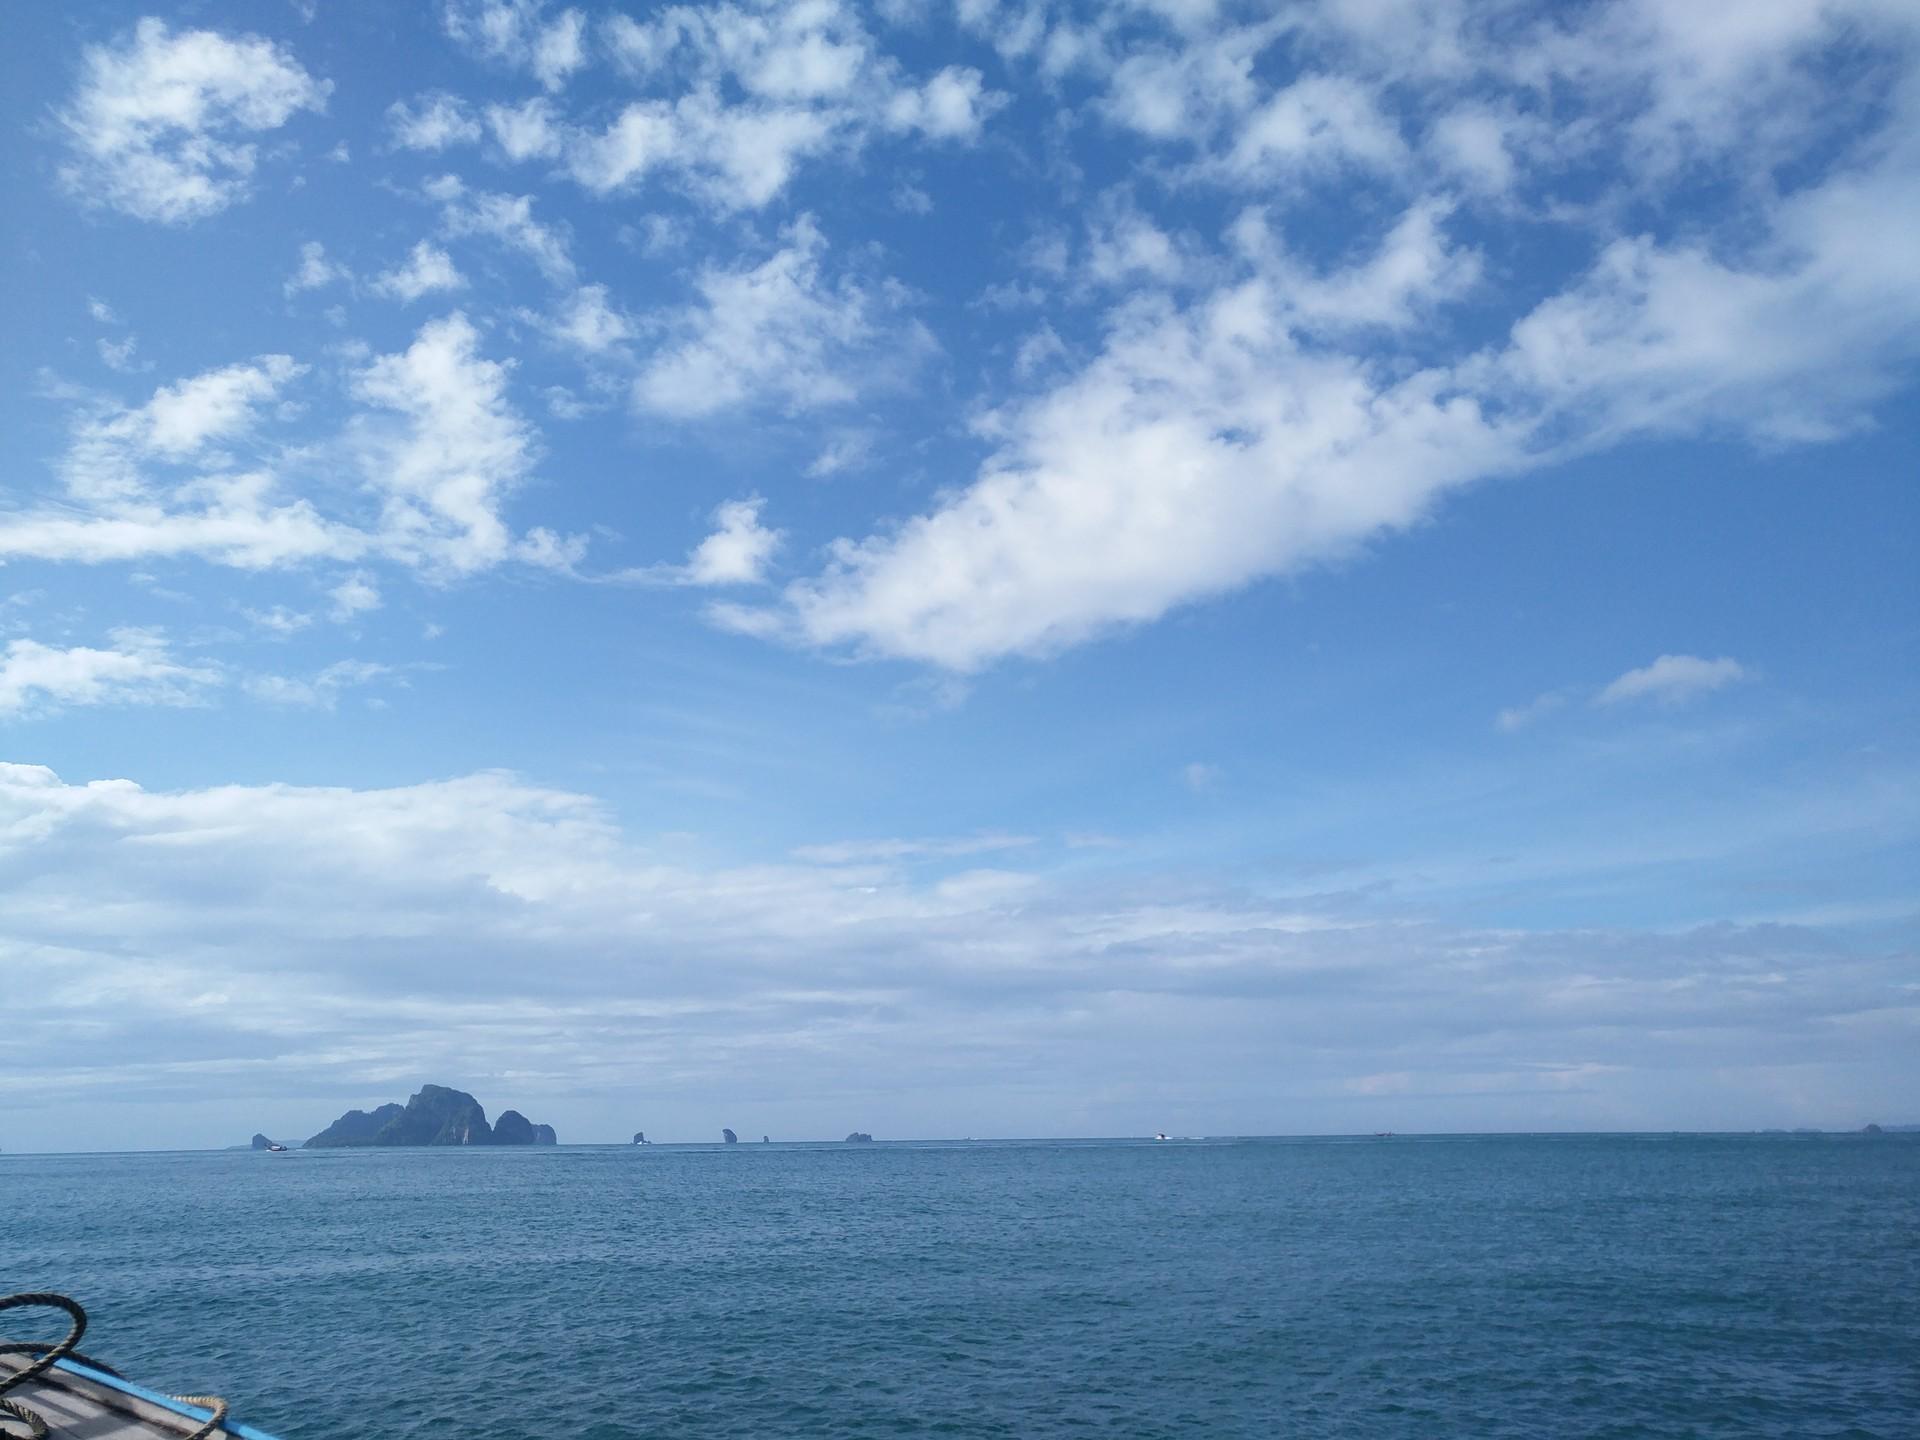 island-hopping-krabi-b8b424667e9b99a329a